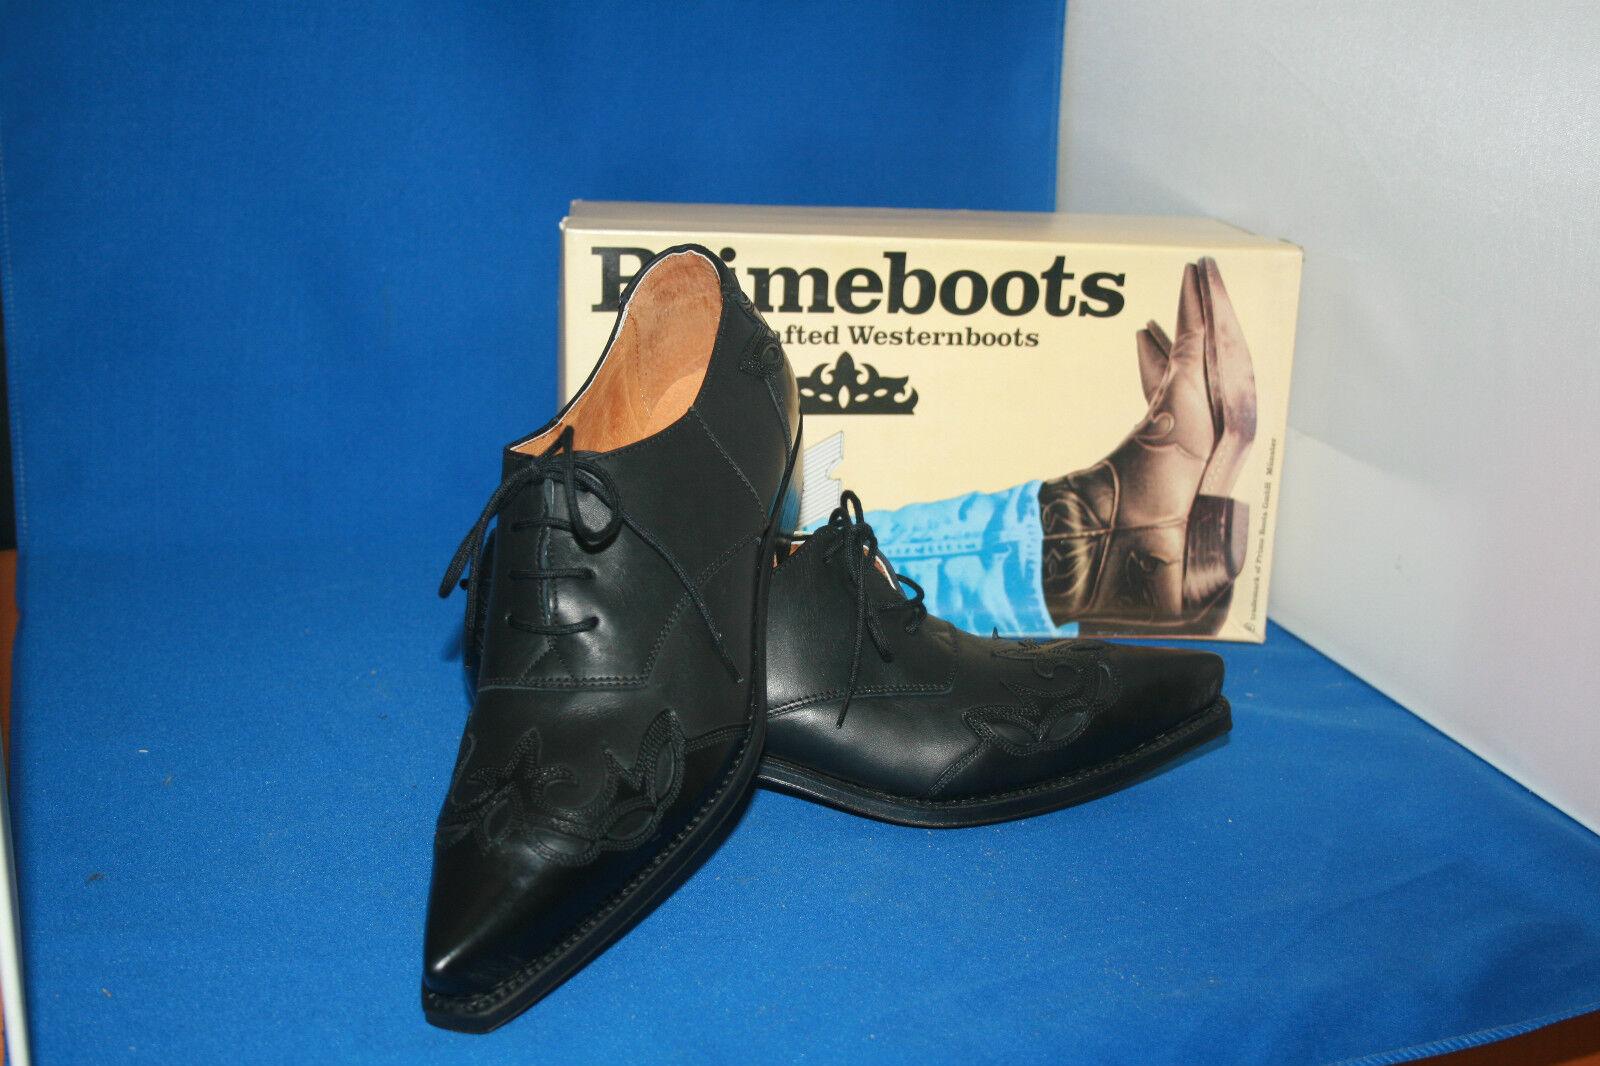 prime boots westernstiefel halbschuh  schnürrschuh  leder neu  gr. 40 schwarz